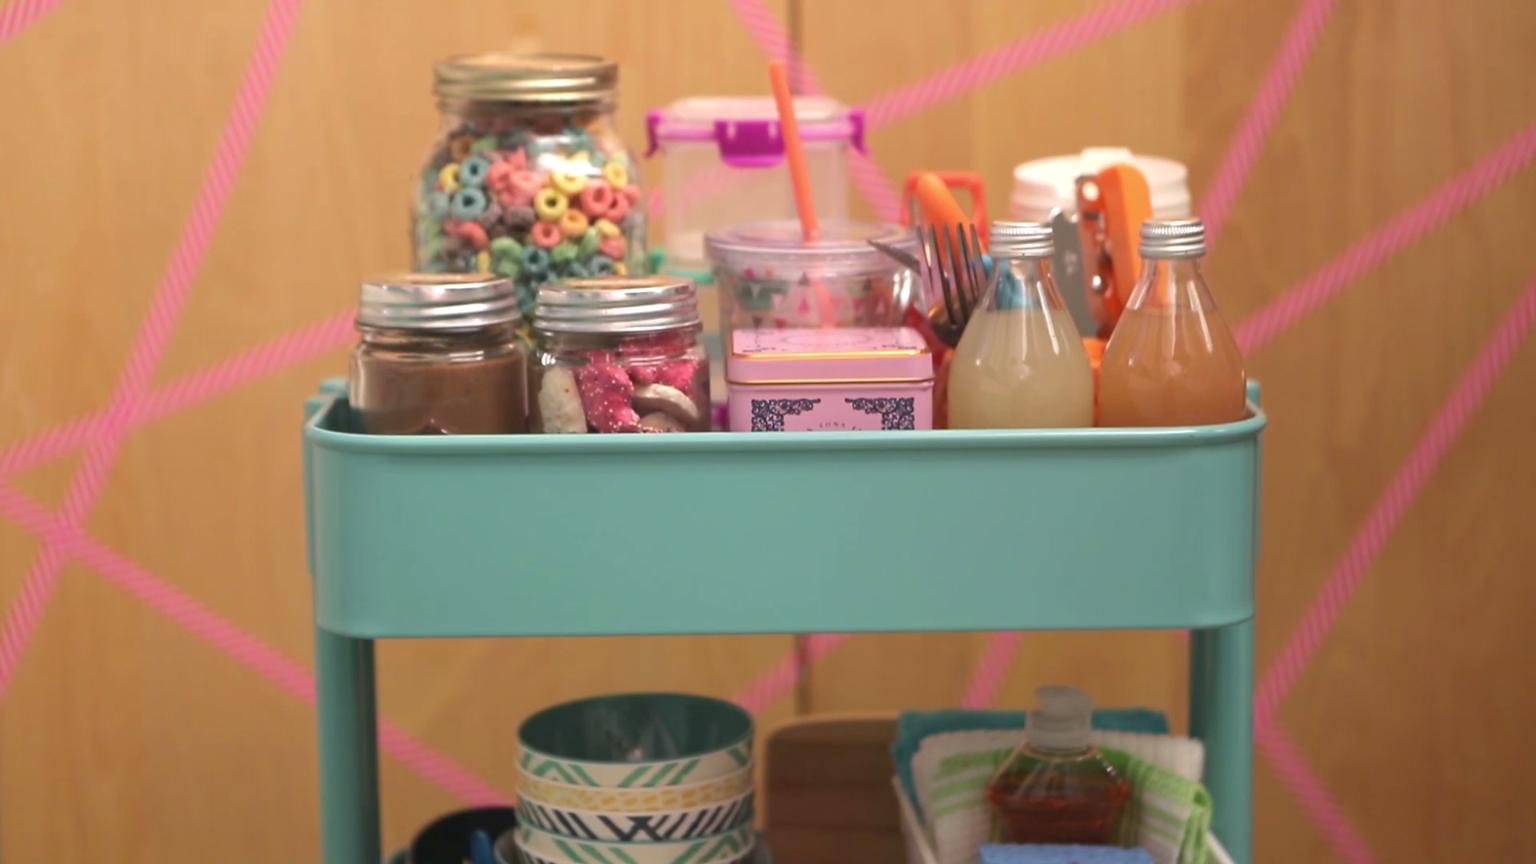 16 Dorm Room Kitchen Essentials Hgtv Happy Pinterest